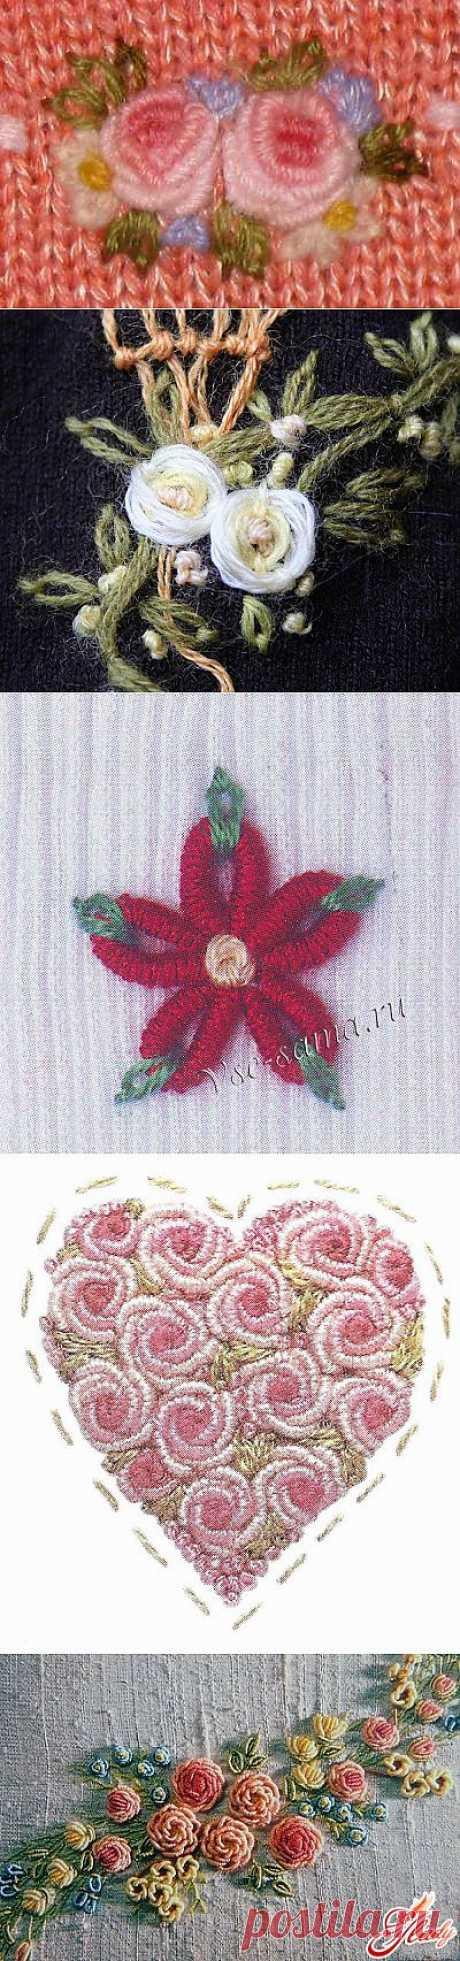 Вышивка по трикотажу и вязанному полотну. Очень красиво.  Красота шва рококо в вышивке.